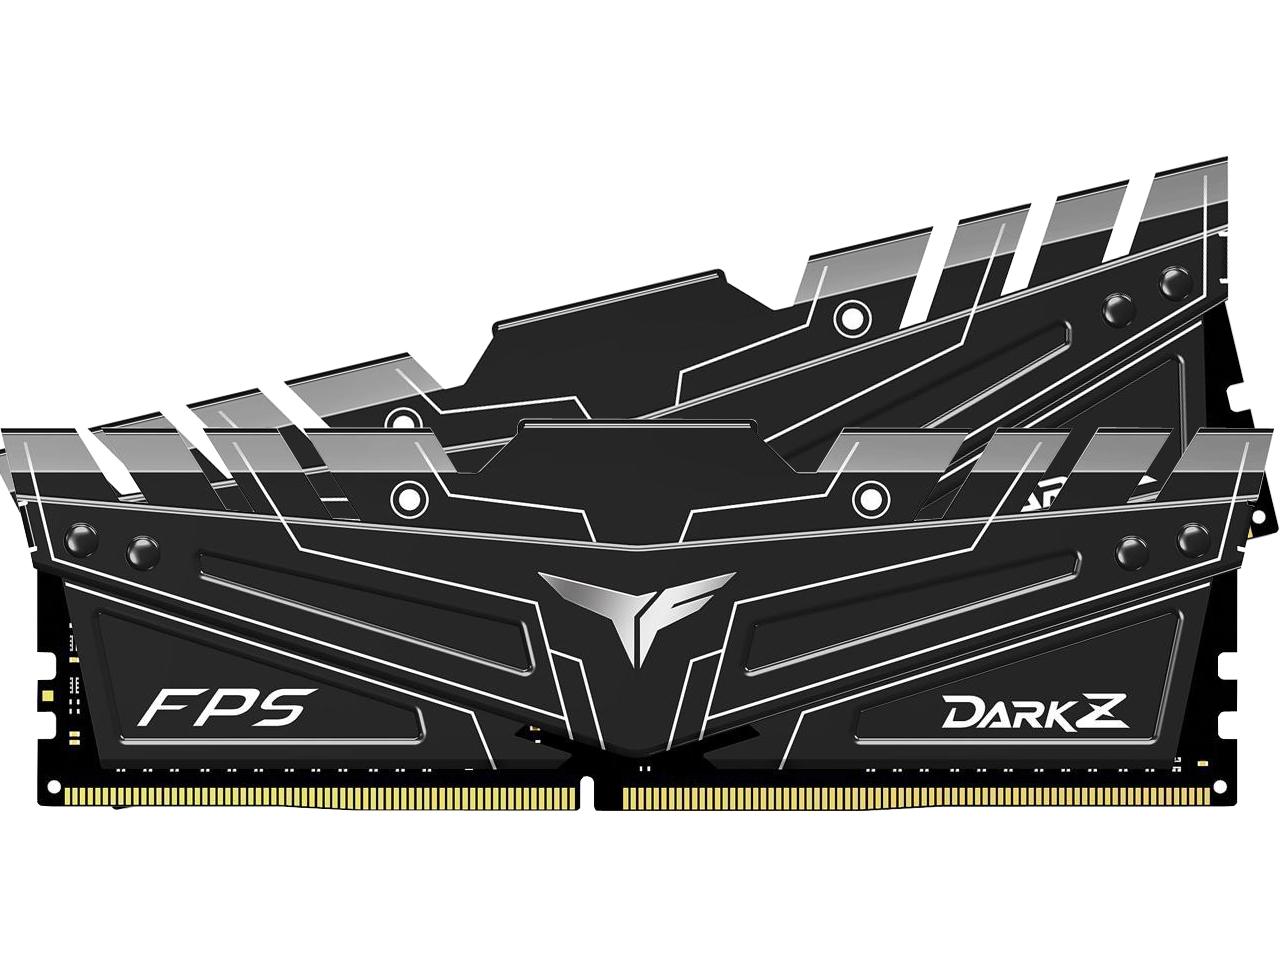 Kit de mémoire Dark Z FPS 16 Go Team T-Force Noir